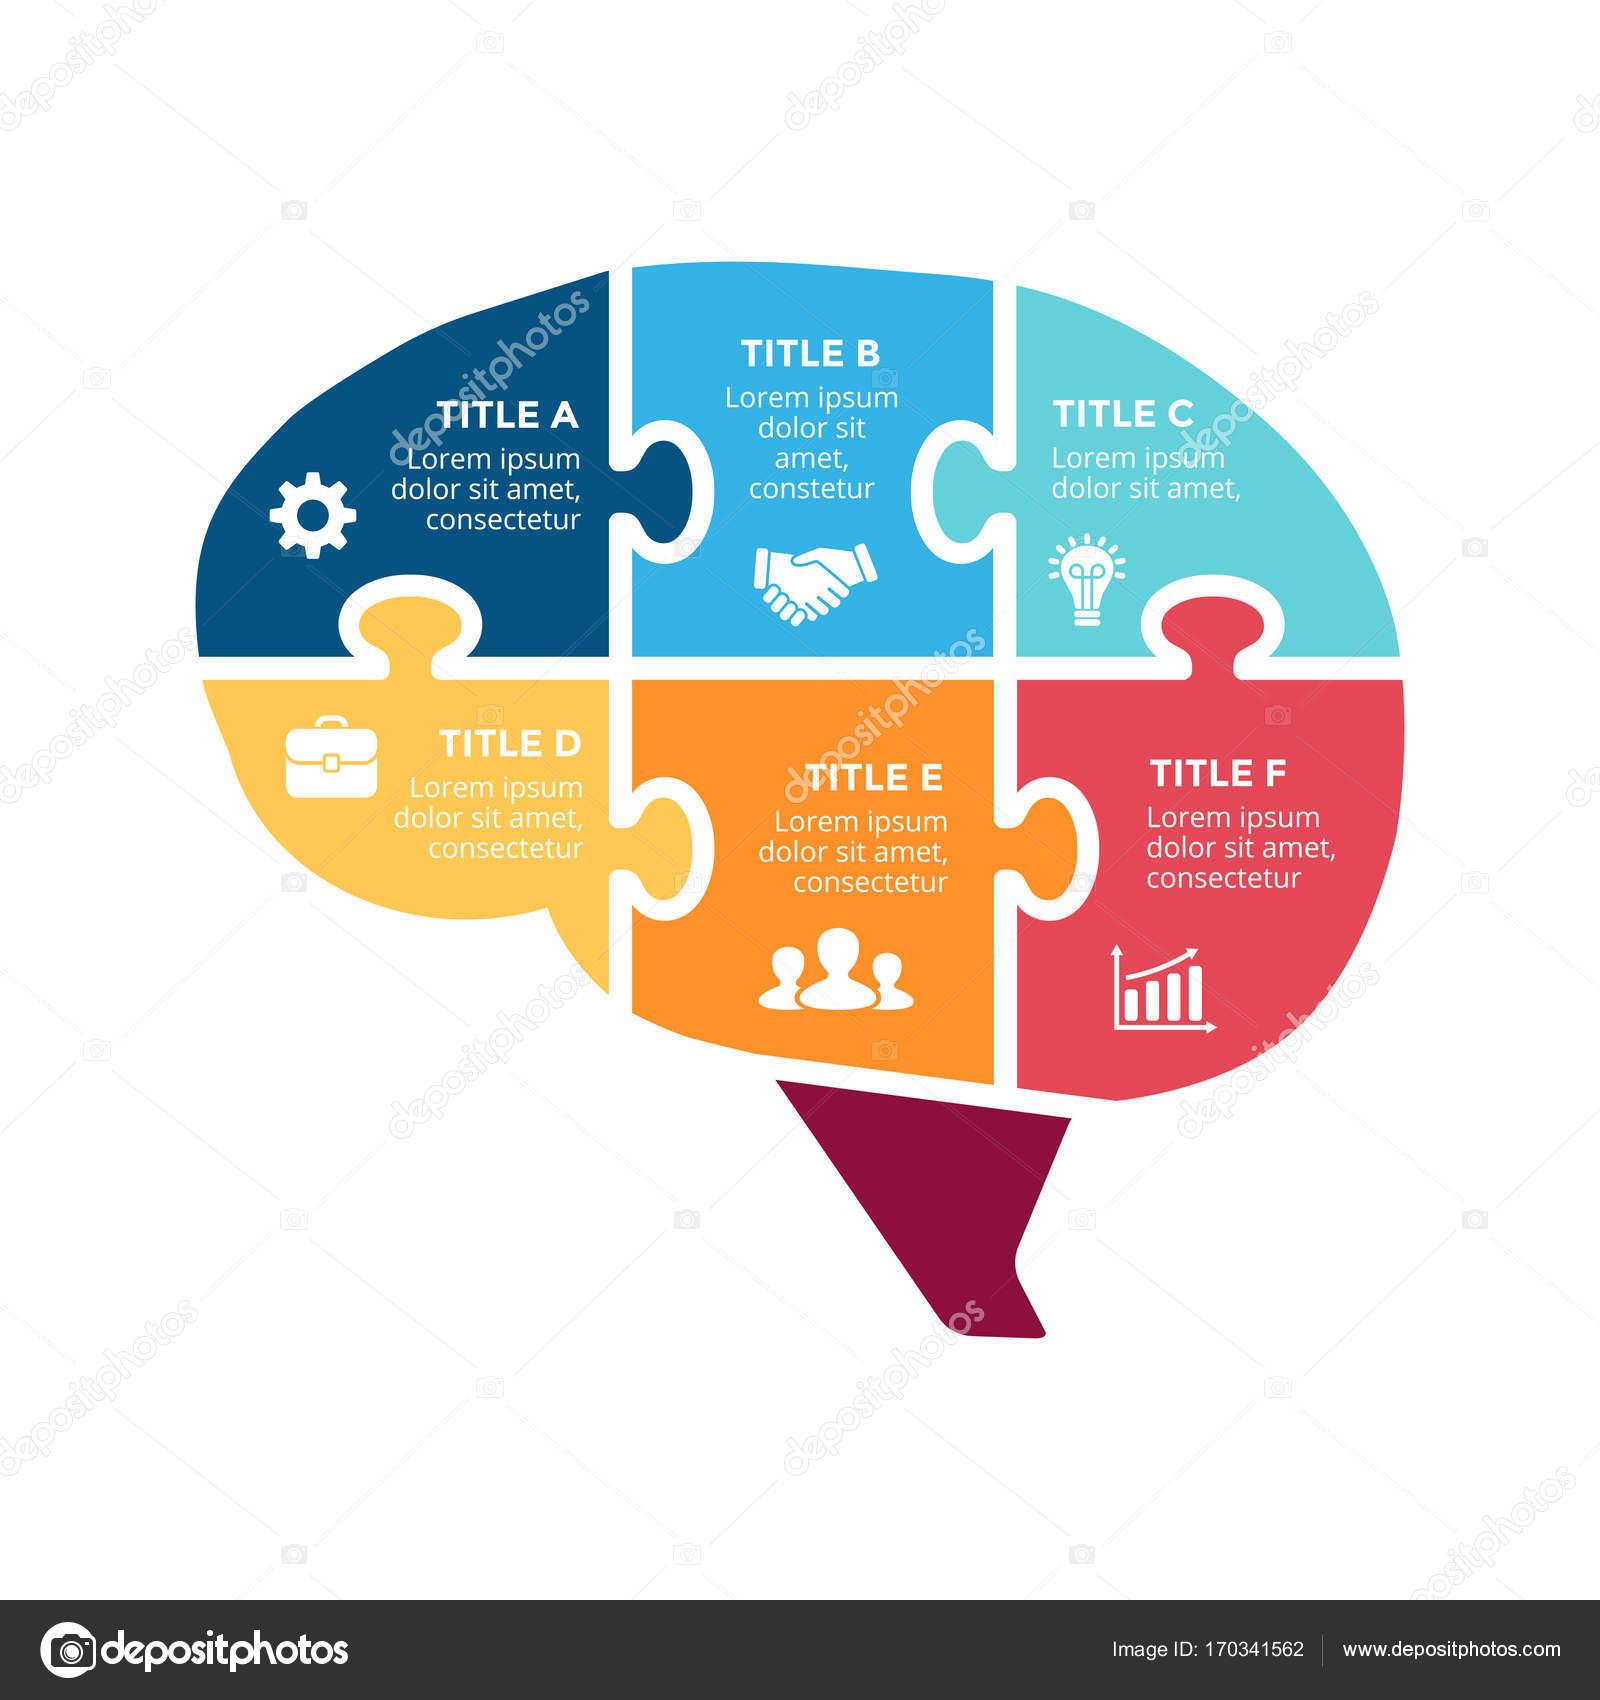 Vektor-Gehirn-Infografik. Vorlage für menschlichen Kopf Diagramm ...